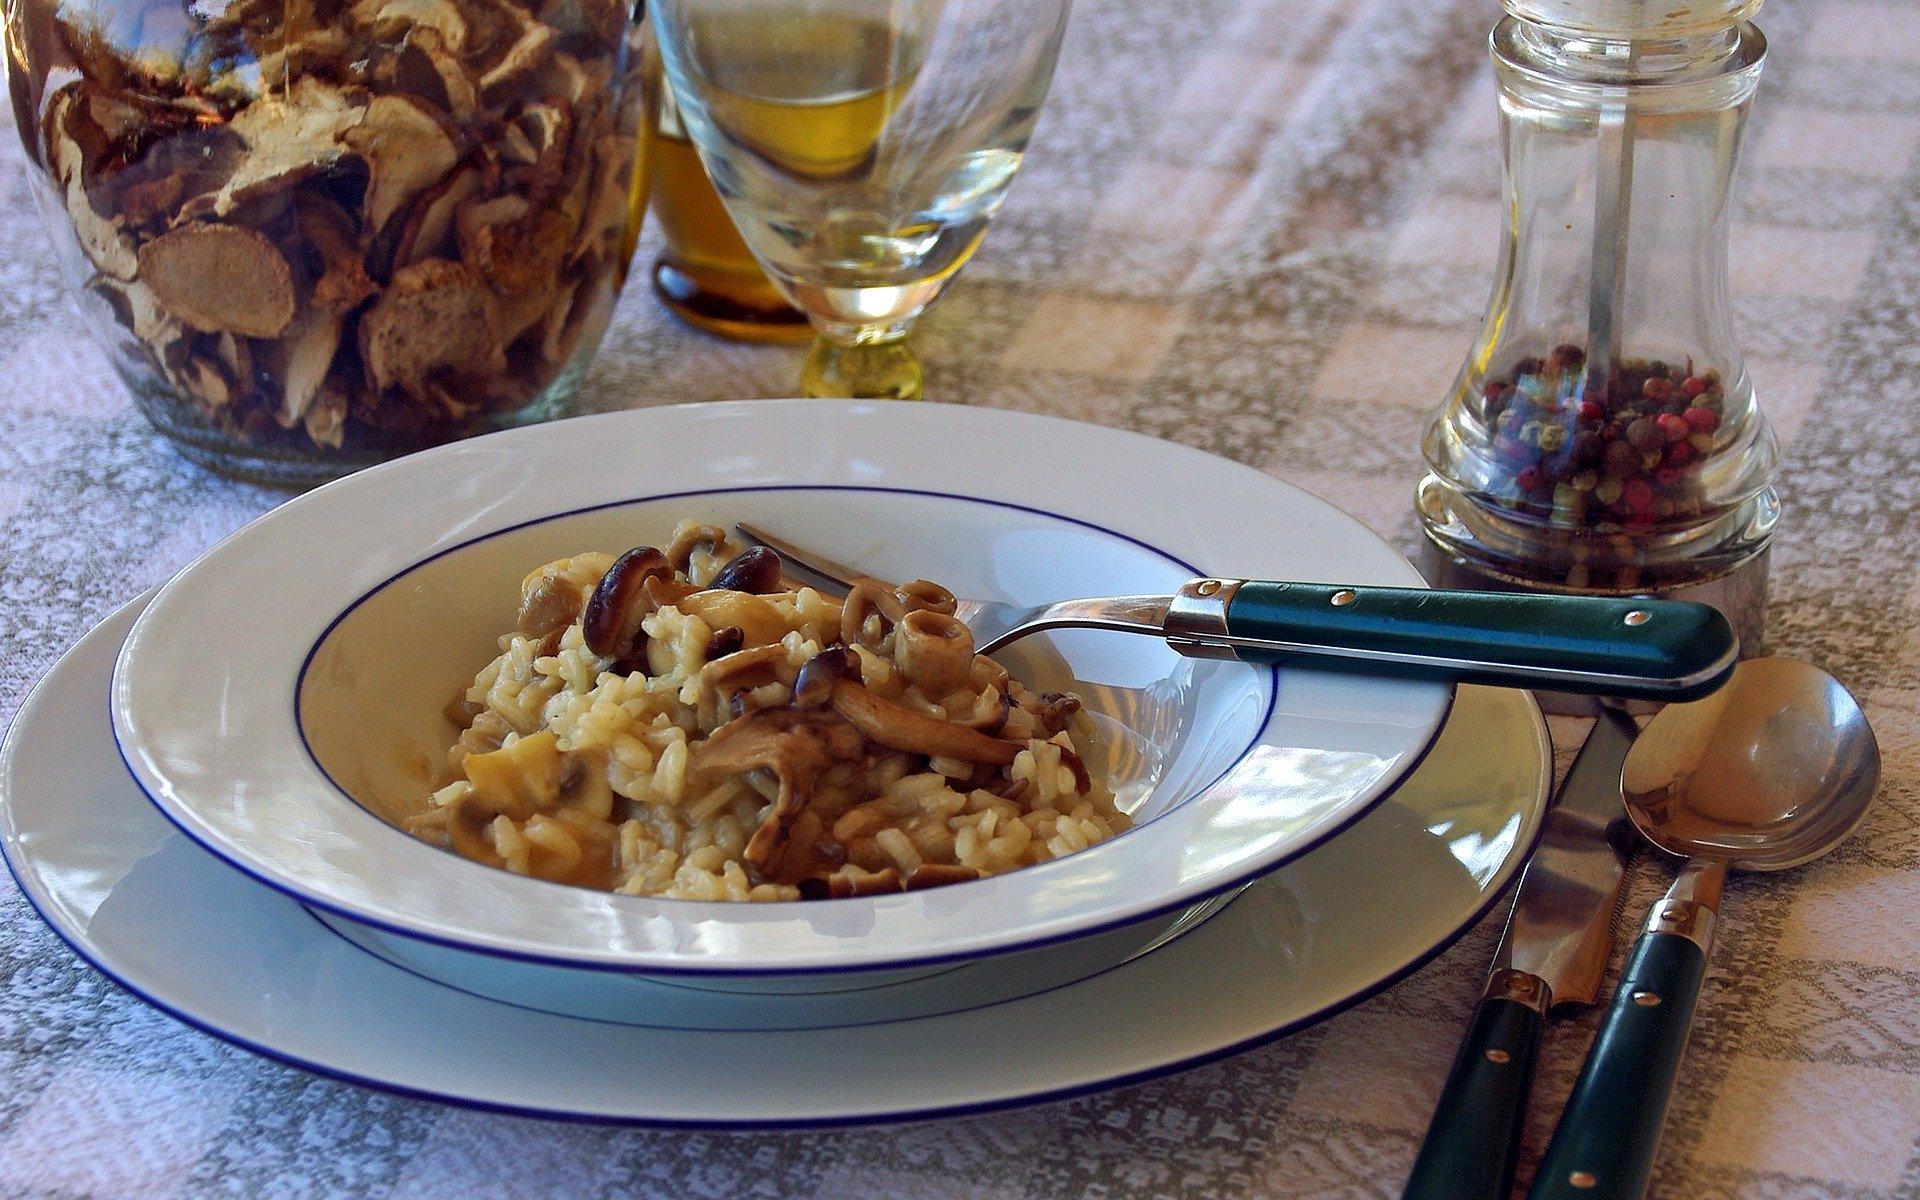 Mushroom risotto (photo: Valter Cirillo)